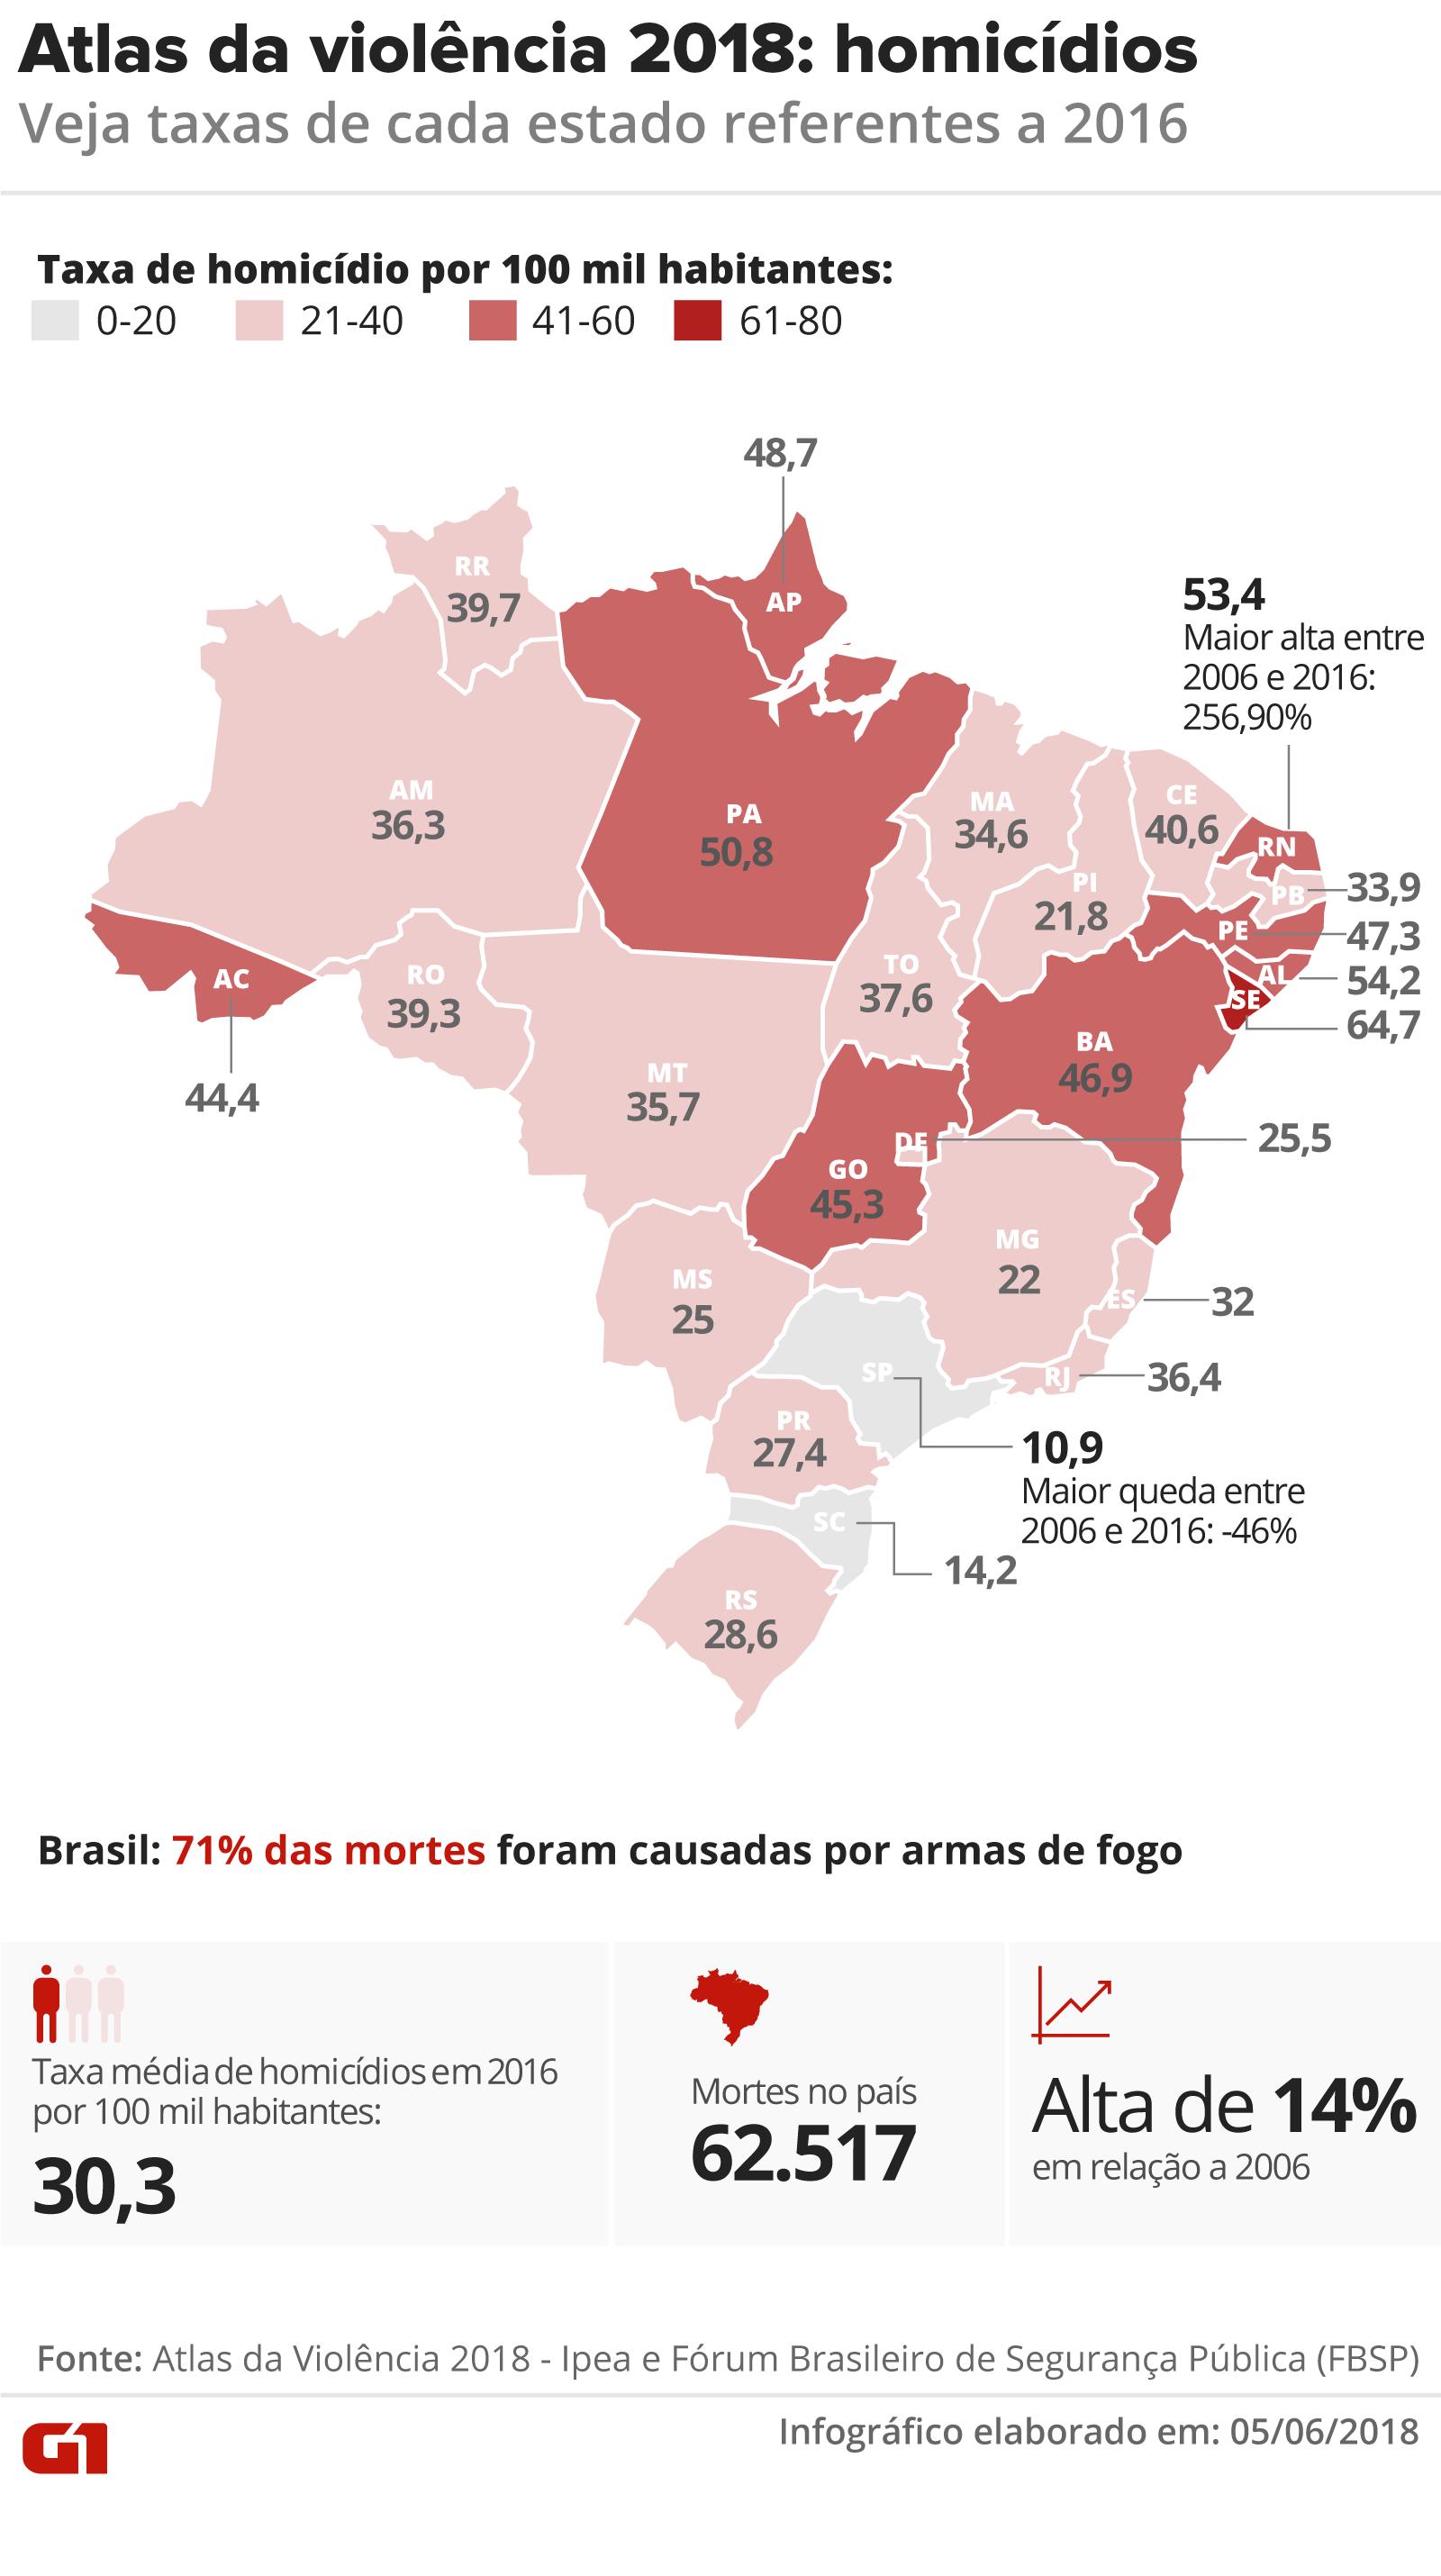 atlas-violencia-taxas-homicidio-v2